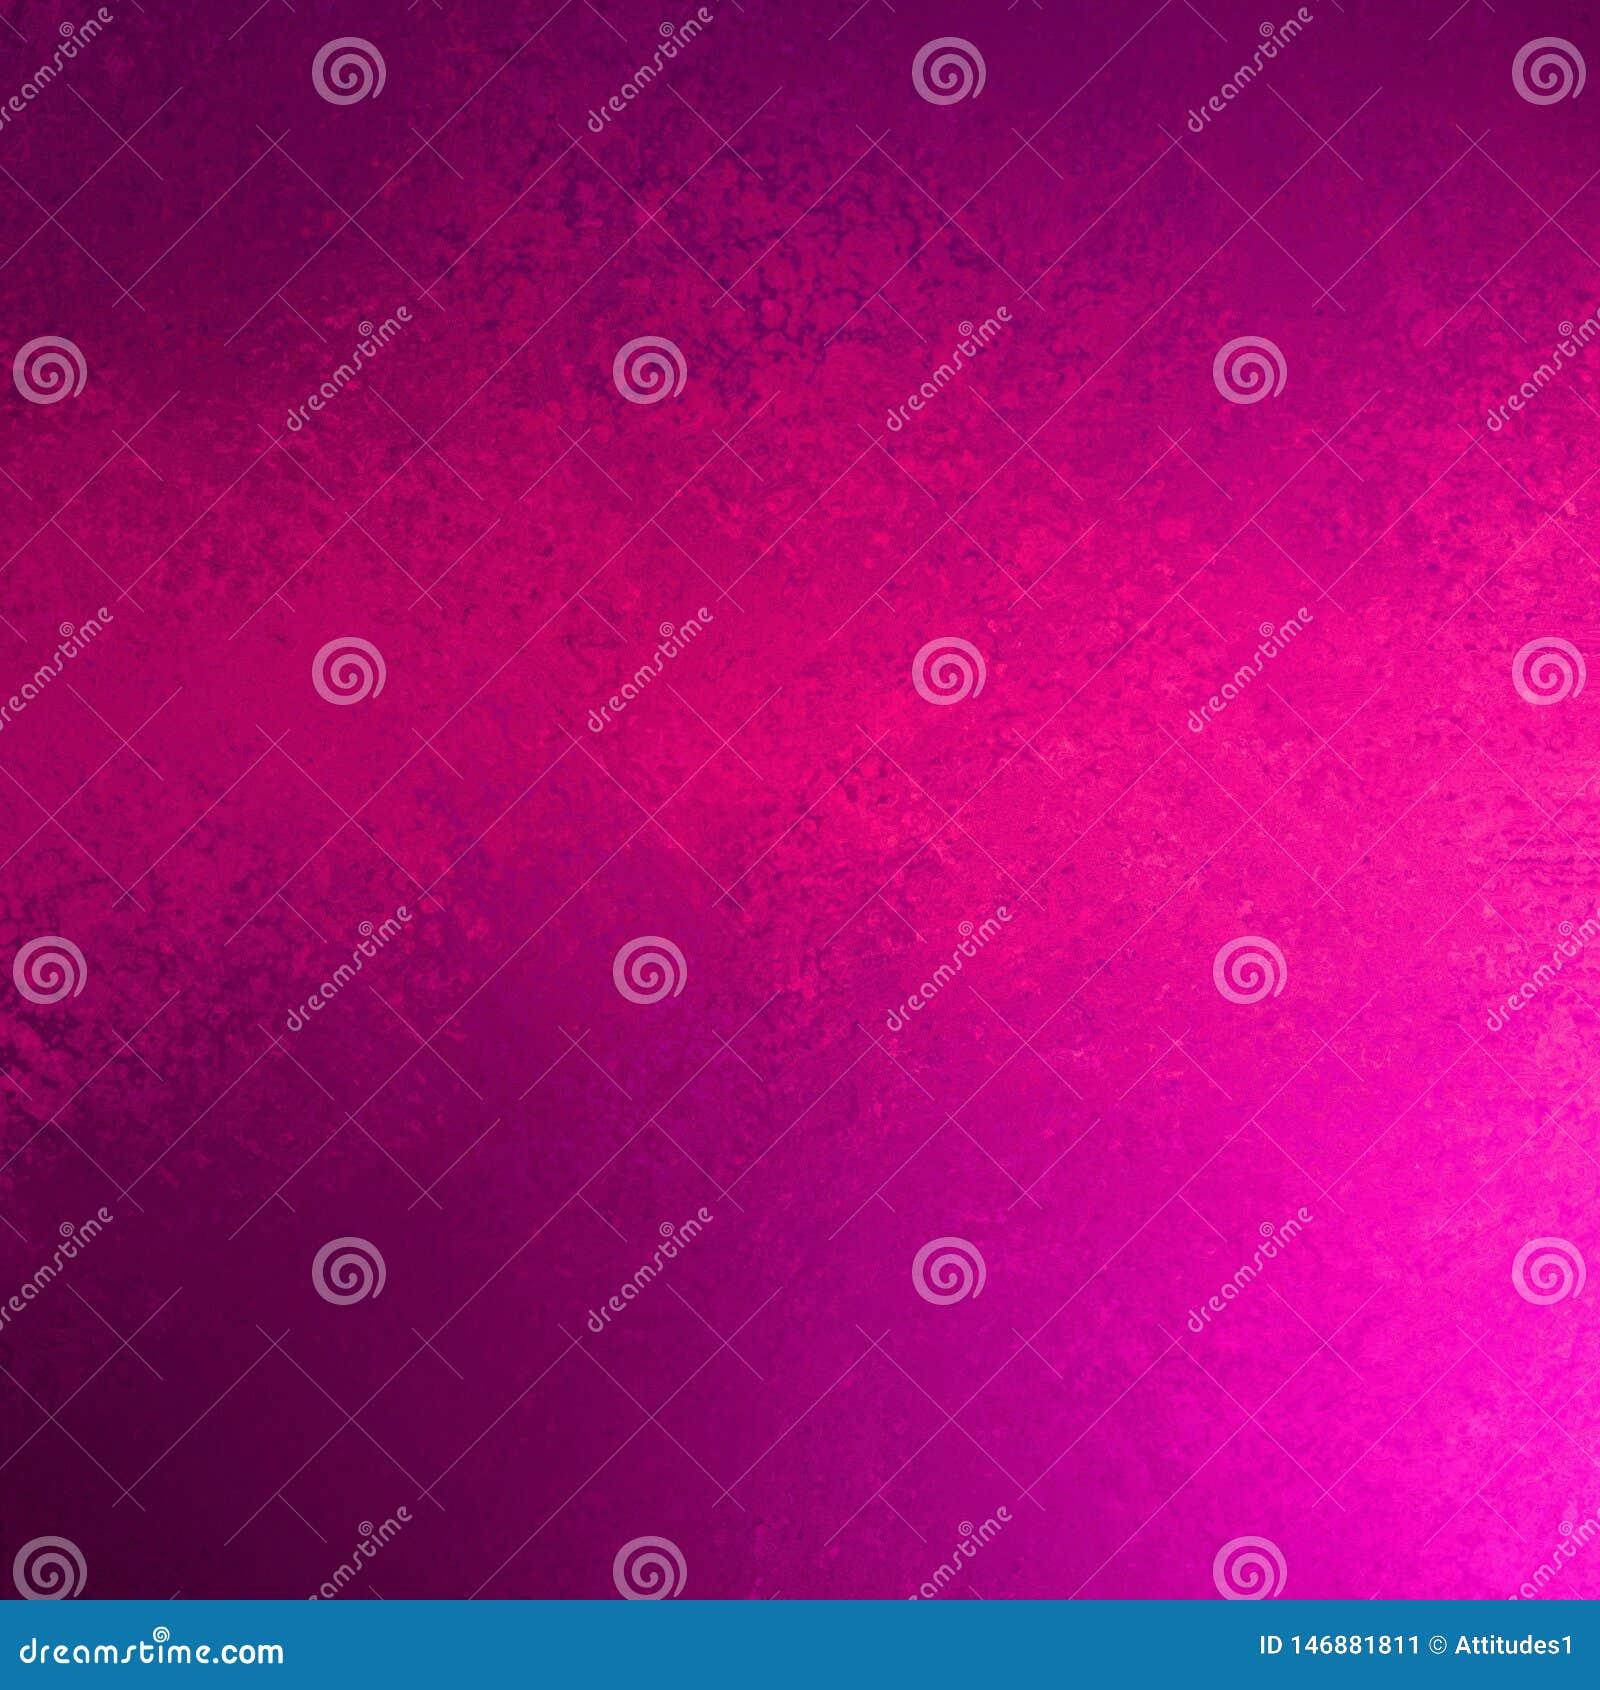 Heet roze en ultraviolette purpere achtergrond in het moderne abstracte ontwerp van de grungetextuur